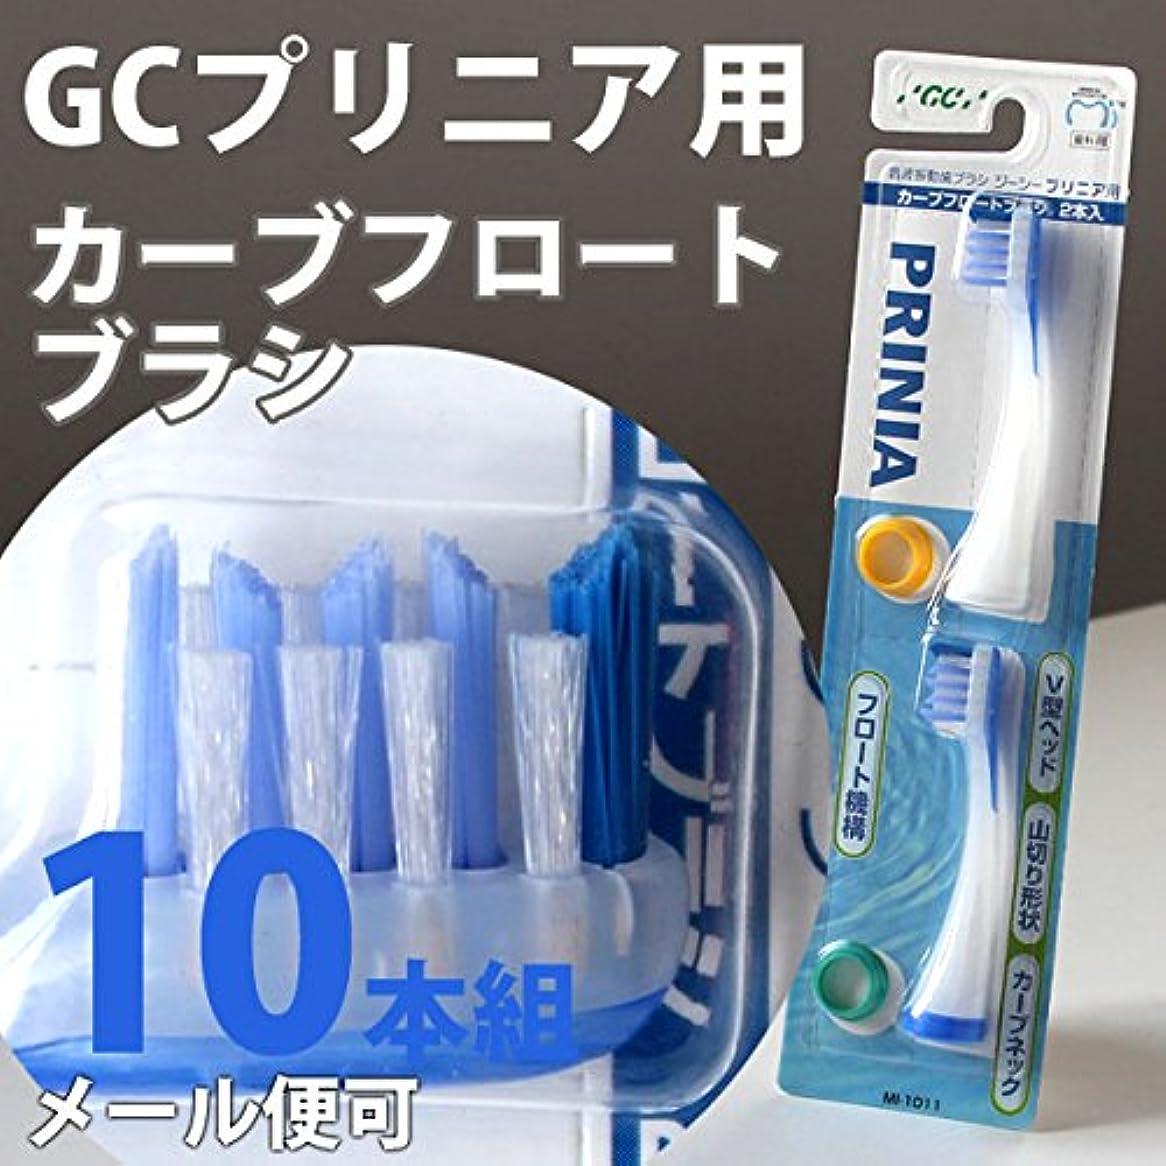 テラス活発崩壊プリニア GC 音波振動 歯ブラシ プリニアスリム替えブラシ カーブフロートブラシ 5セット (10本) ブルー